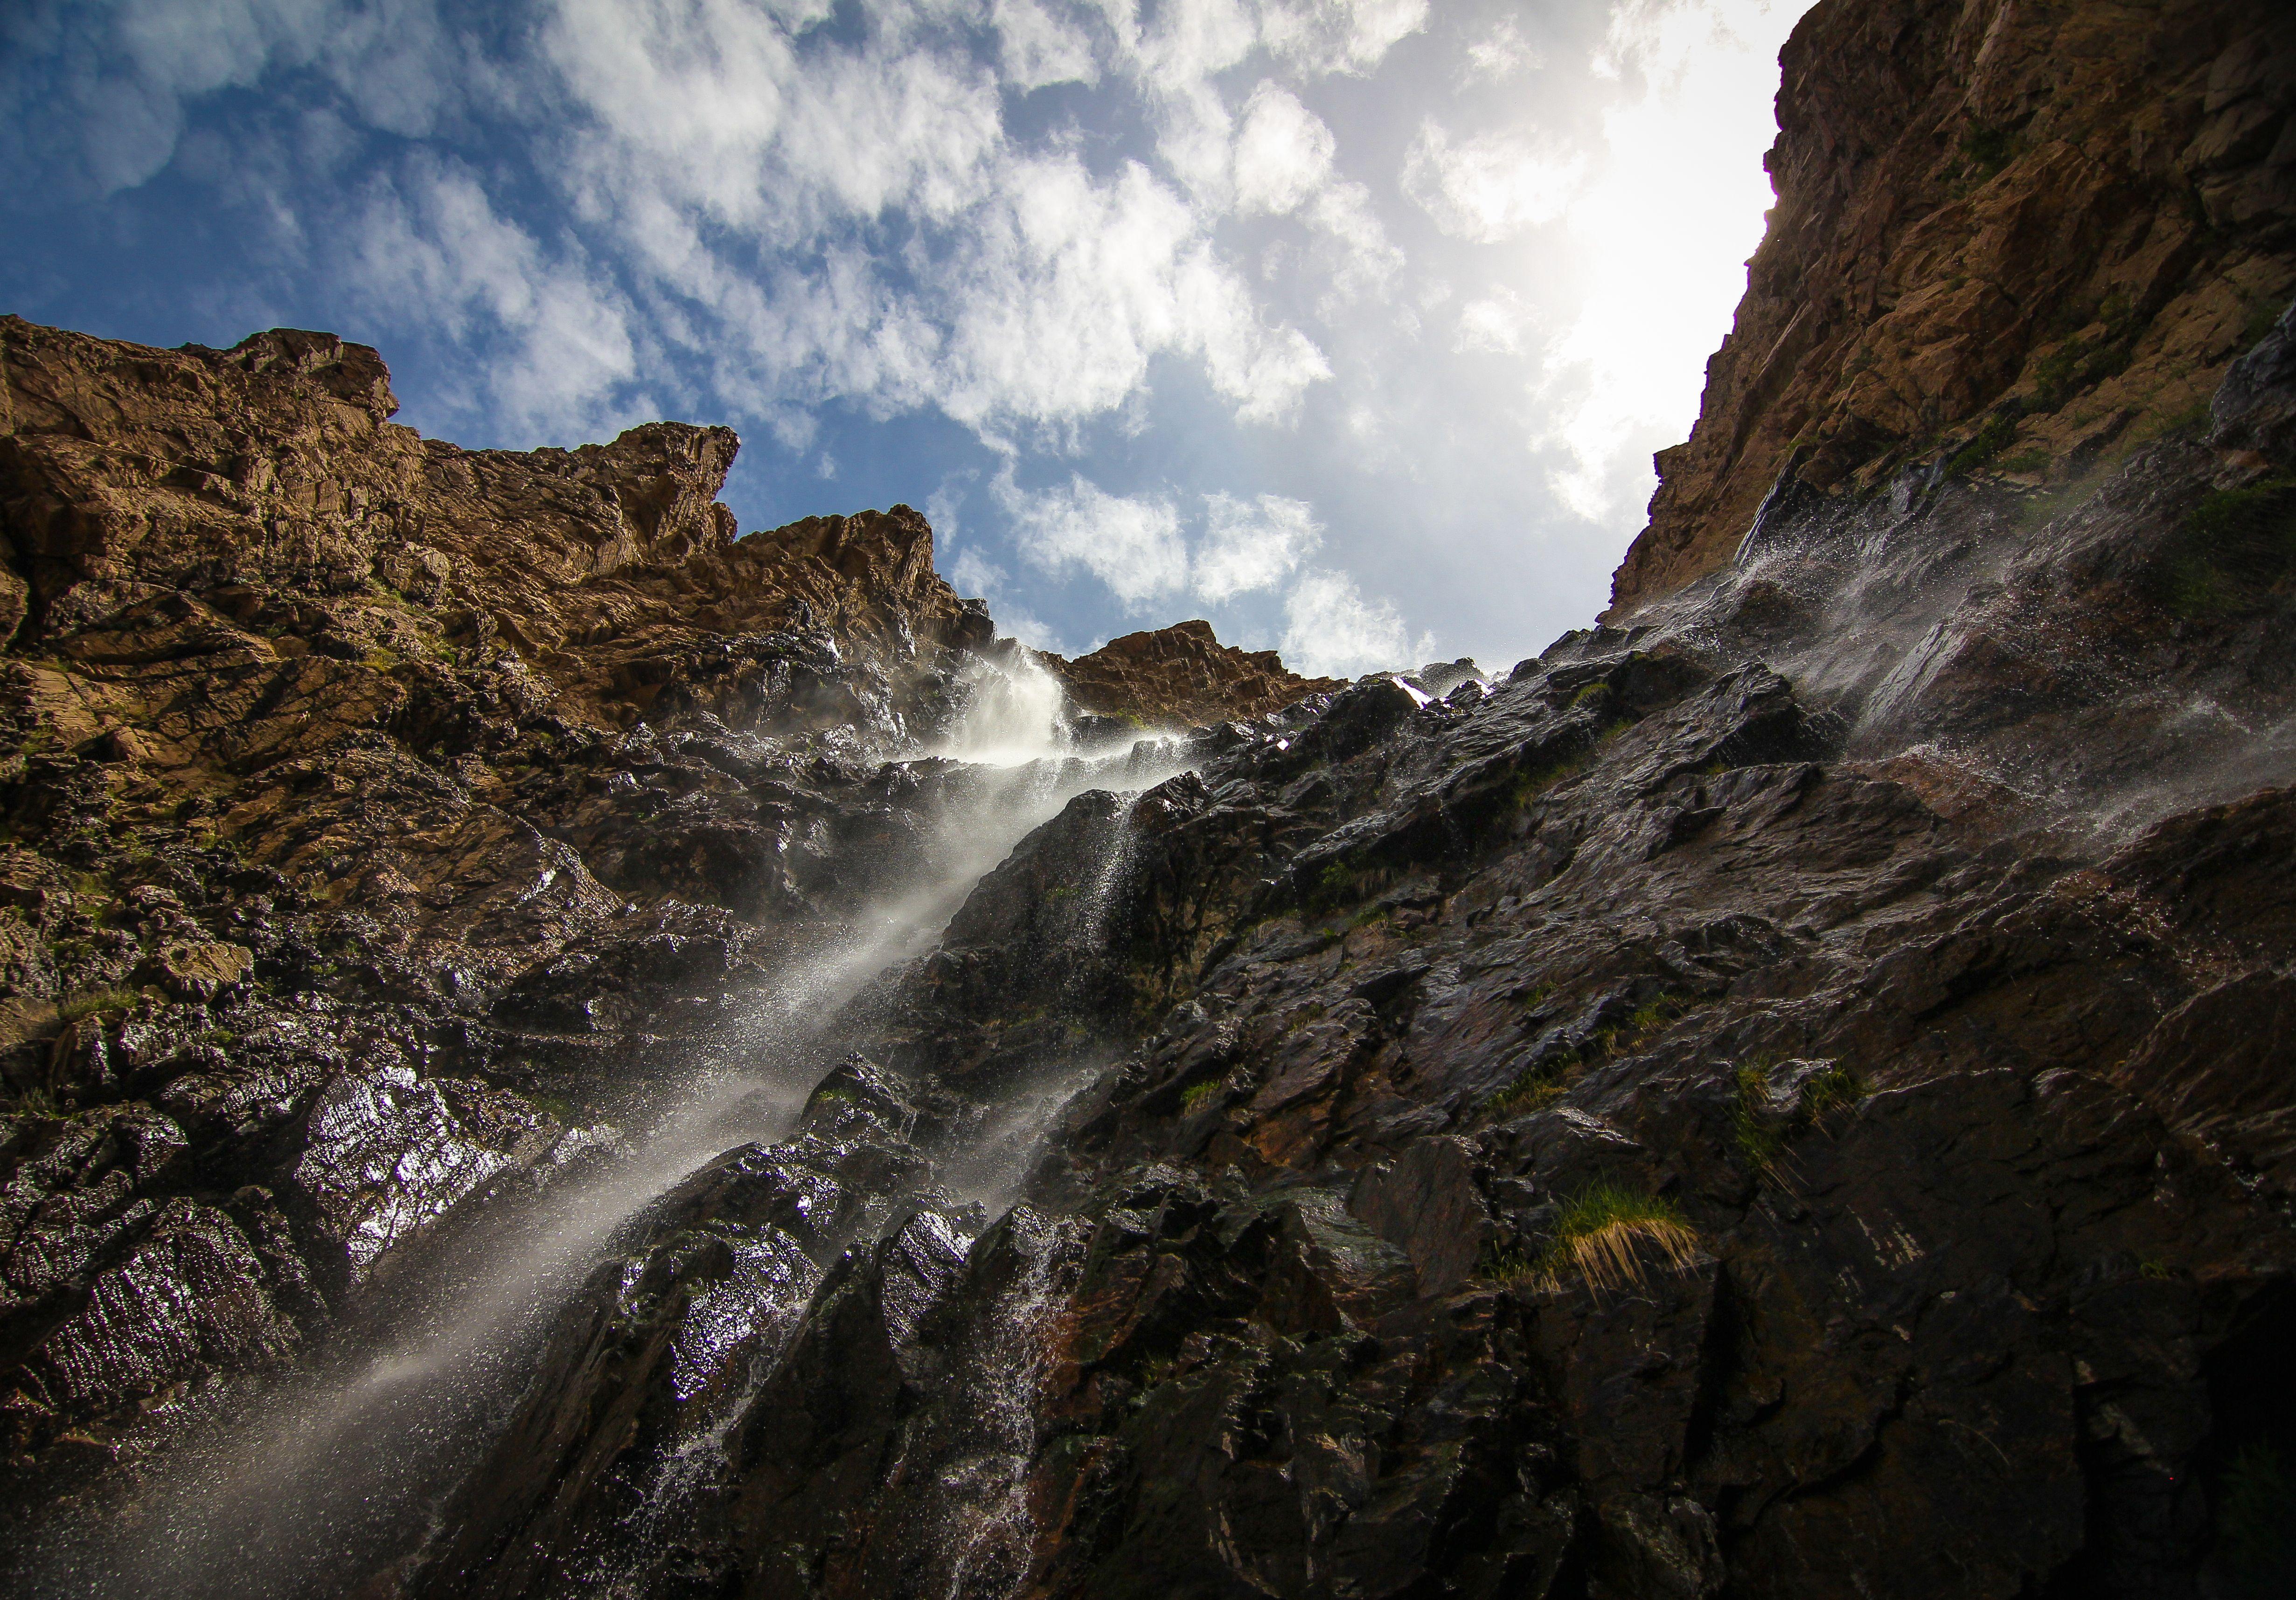 Hiking Waterfall Canyon, Ogden, UT Beginner hiking